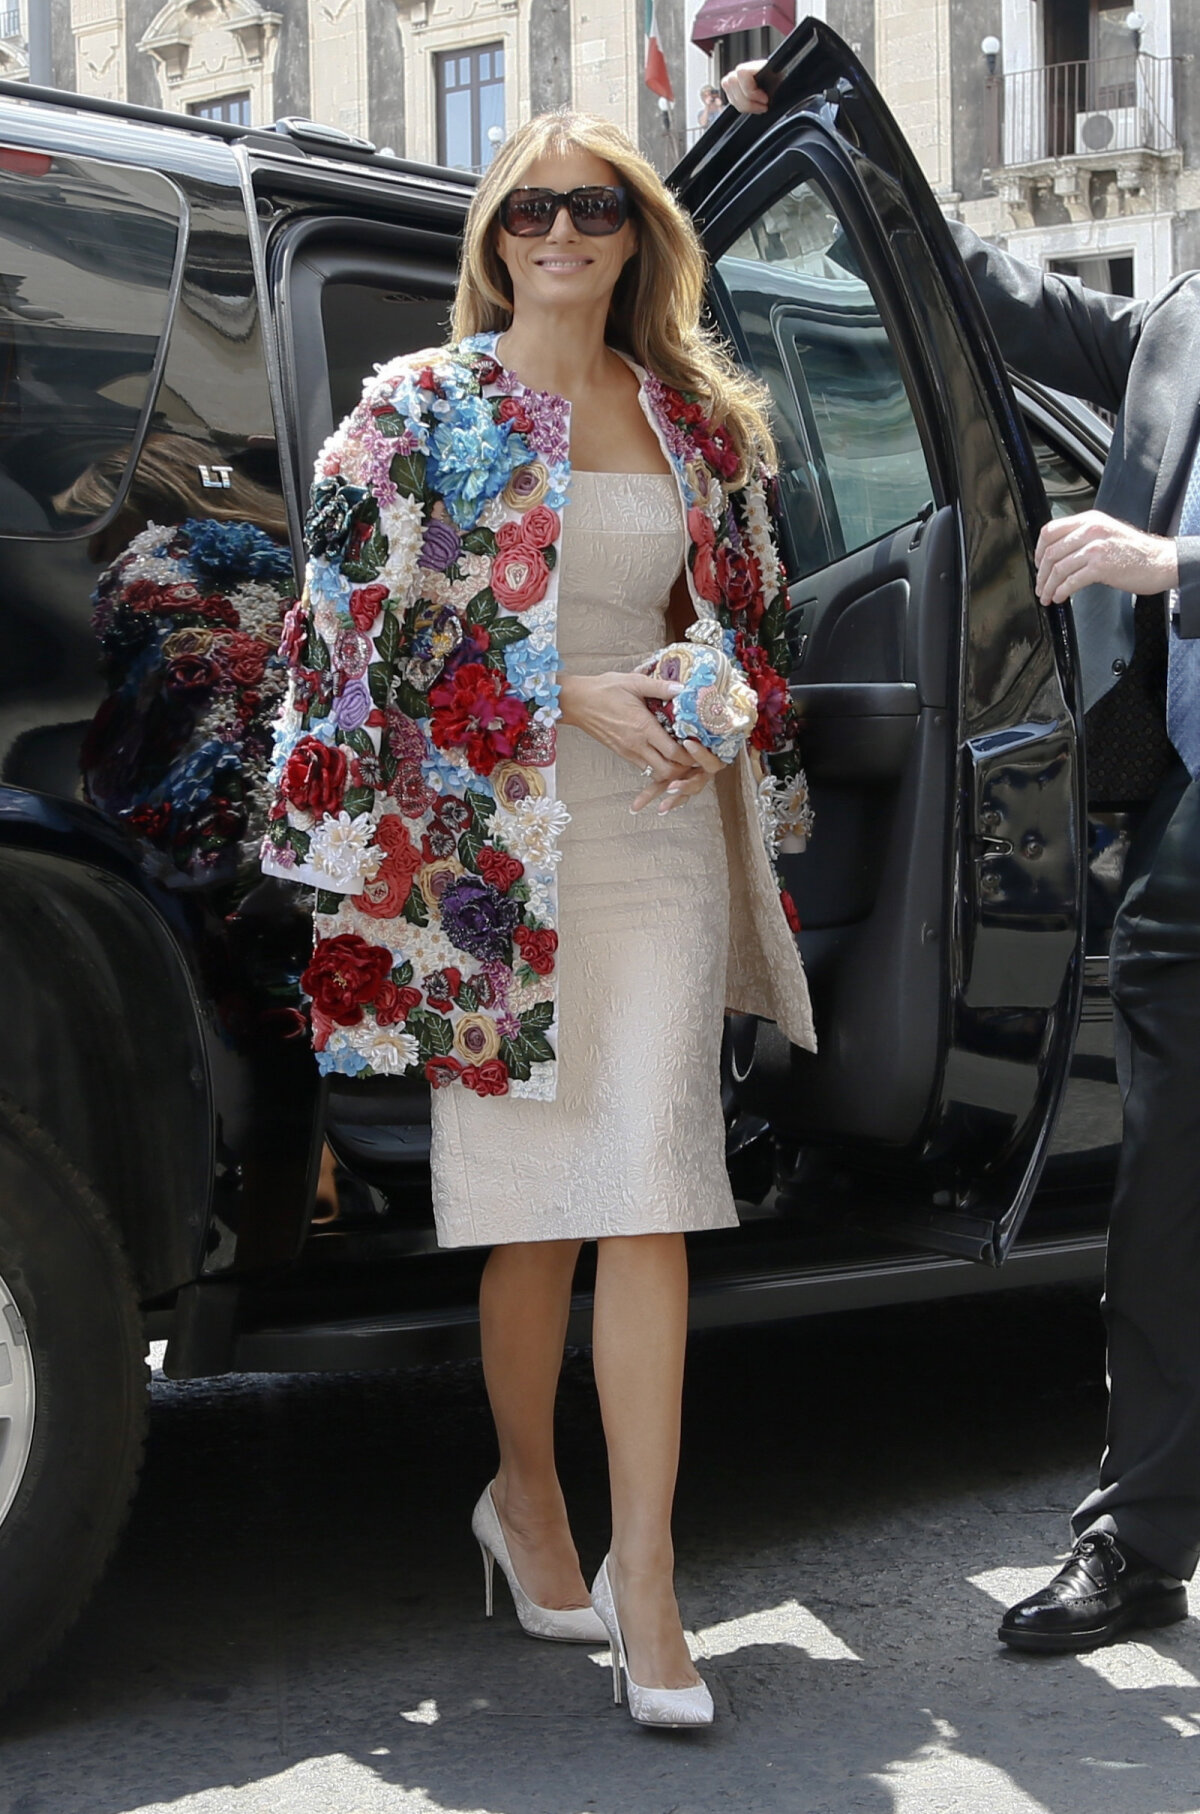 На саммите G7 в 2017 году Мелания Трамп появилась в цветочном пальто Dolce & Gabbana стоимостью $ 51,000